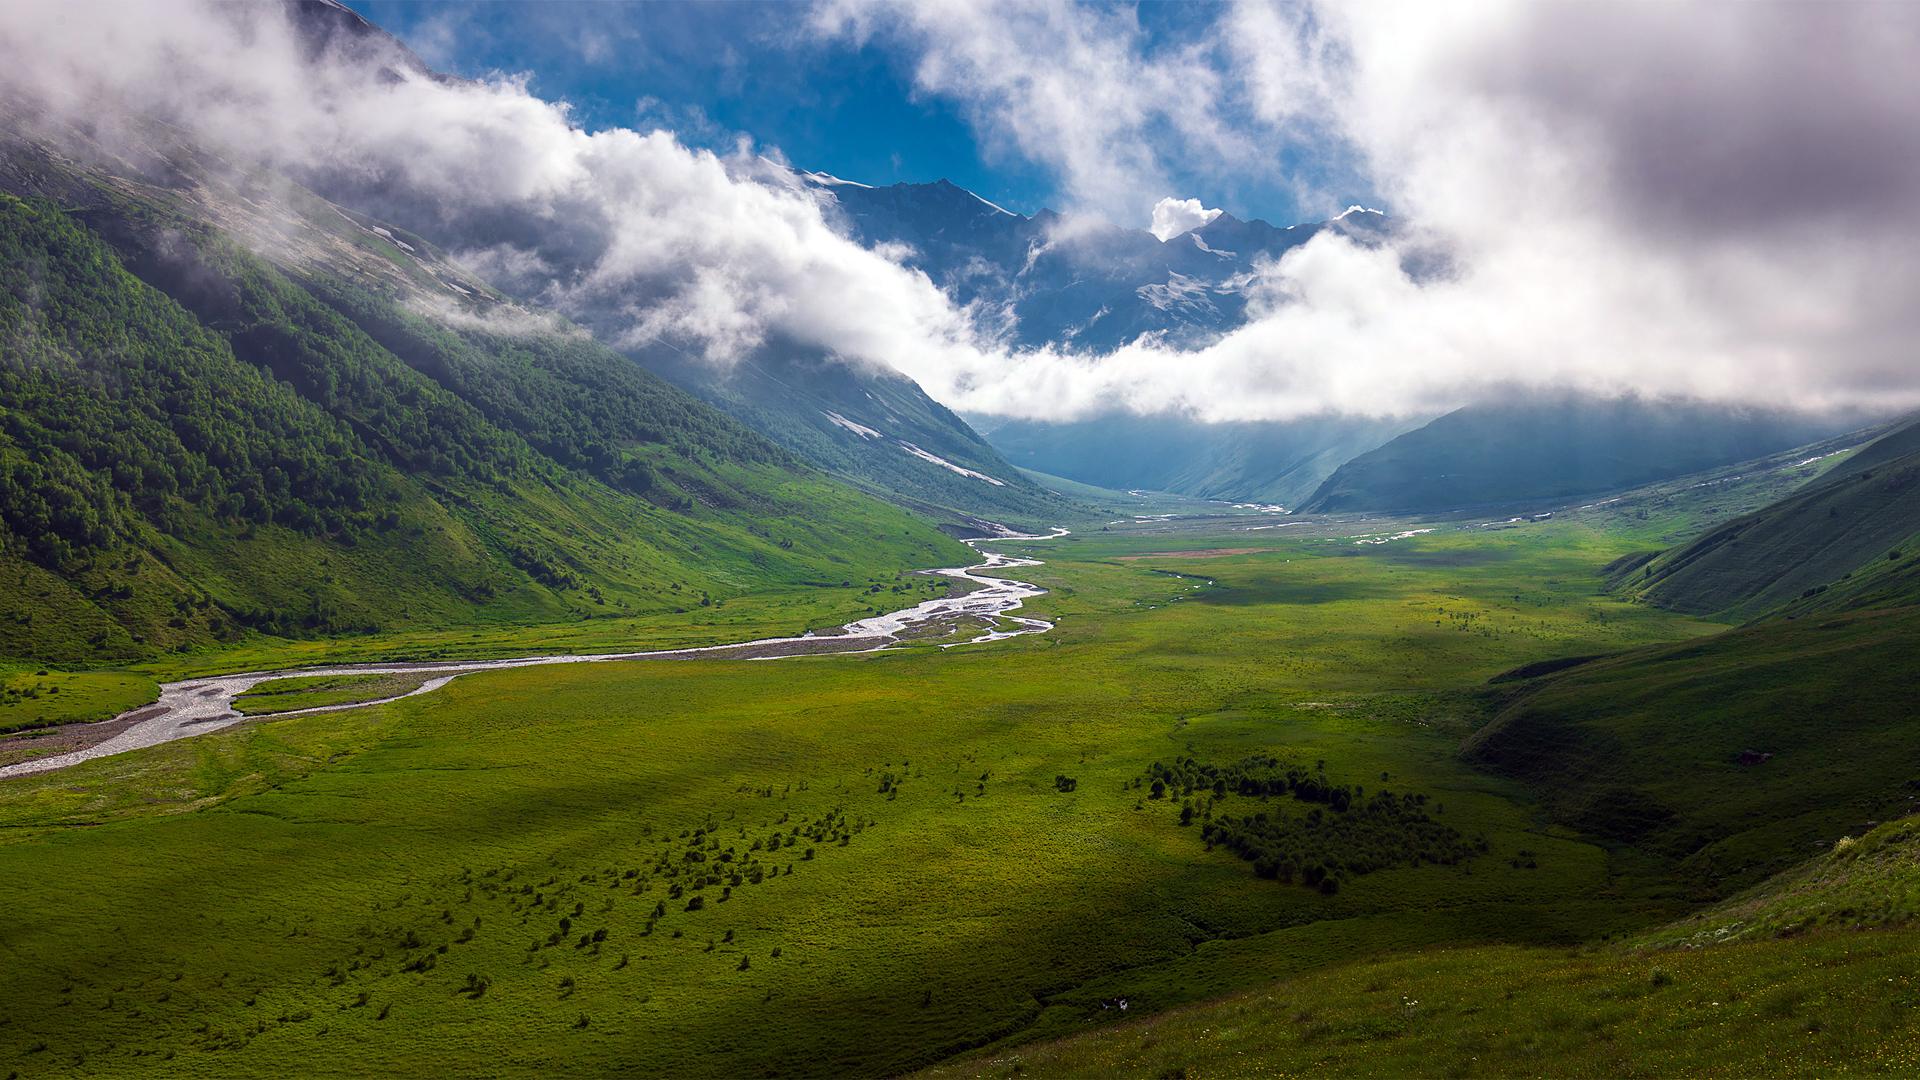 Прогноз погоды на 31 июля: На запад Казахстана снова придет сильная жара, на севере дожди